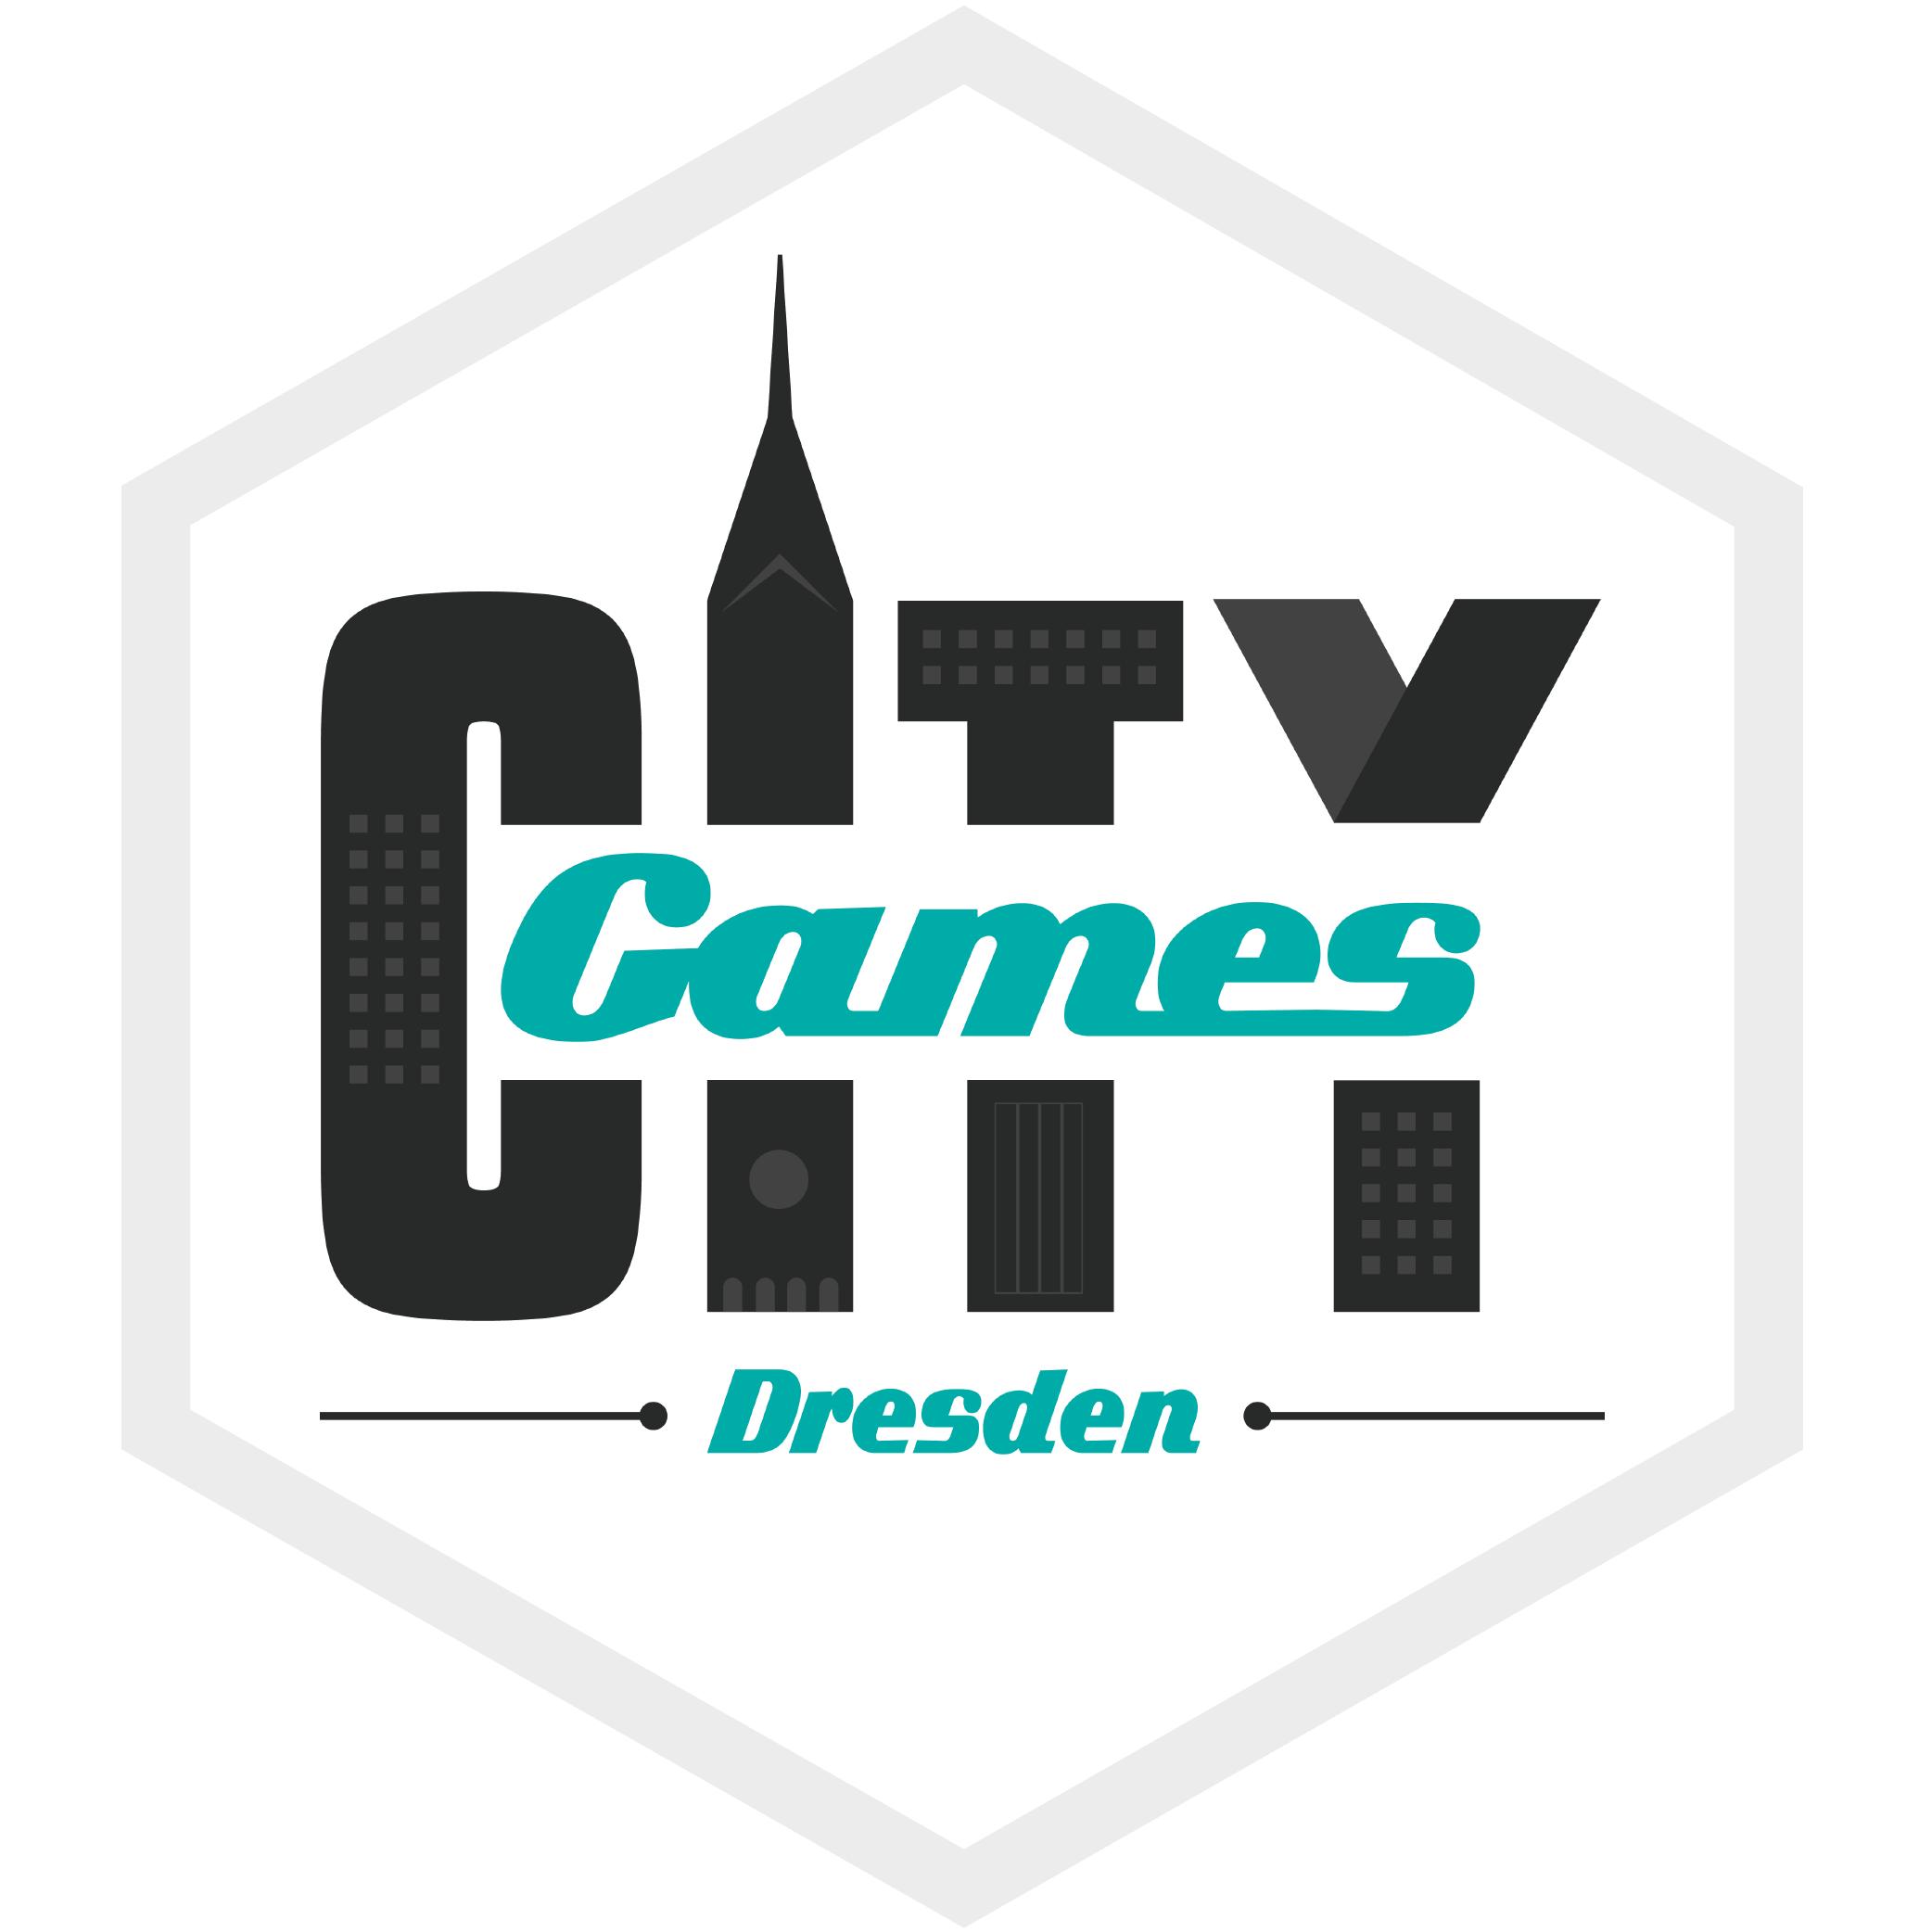 CityGames Dresden